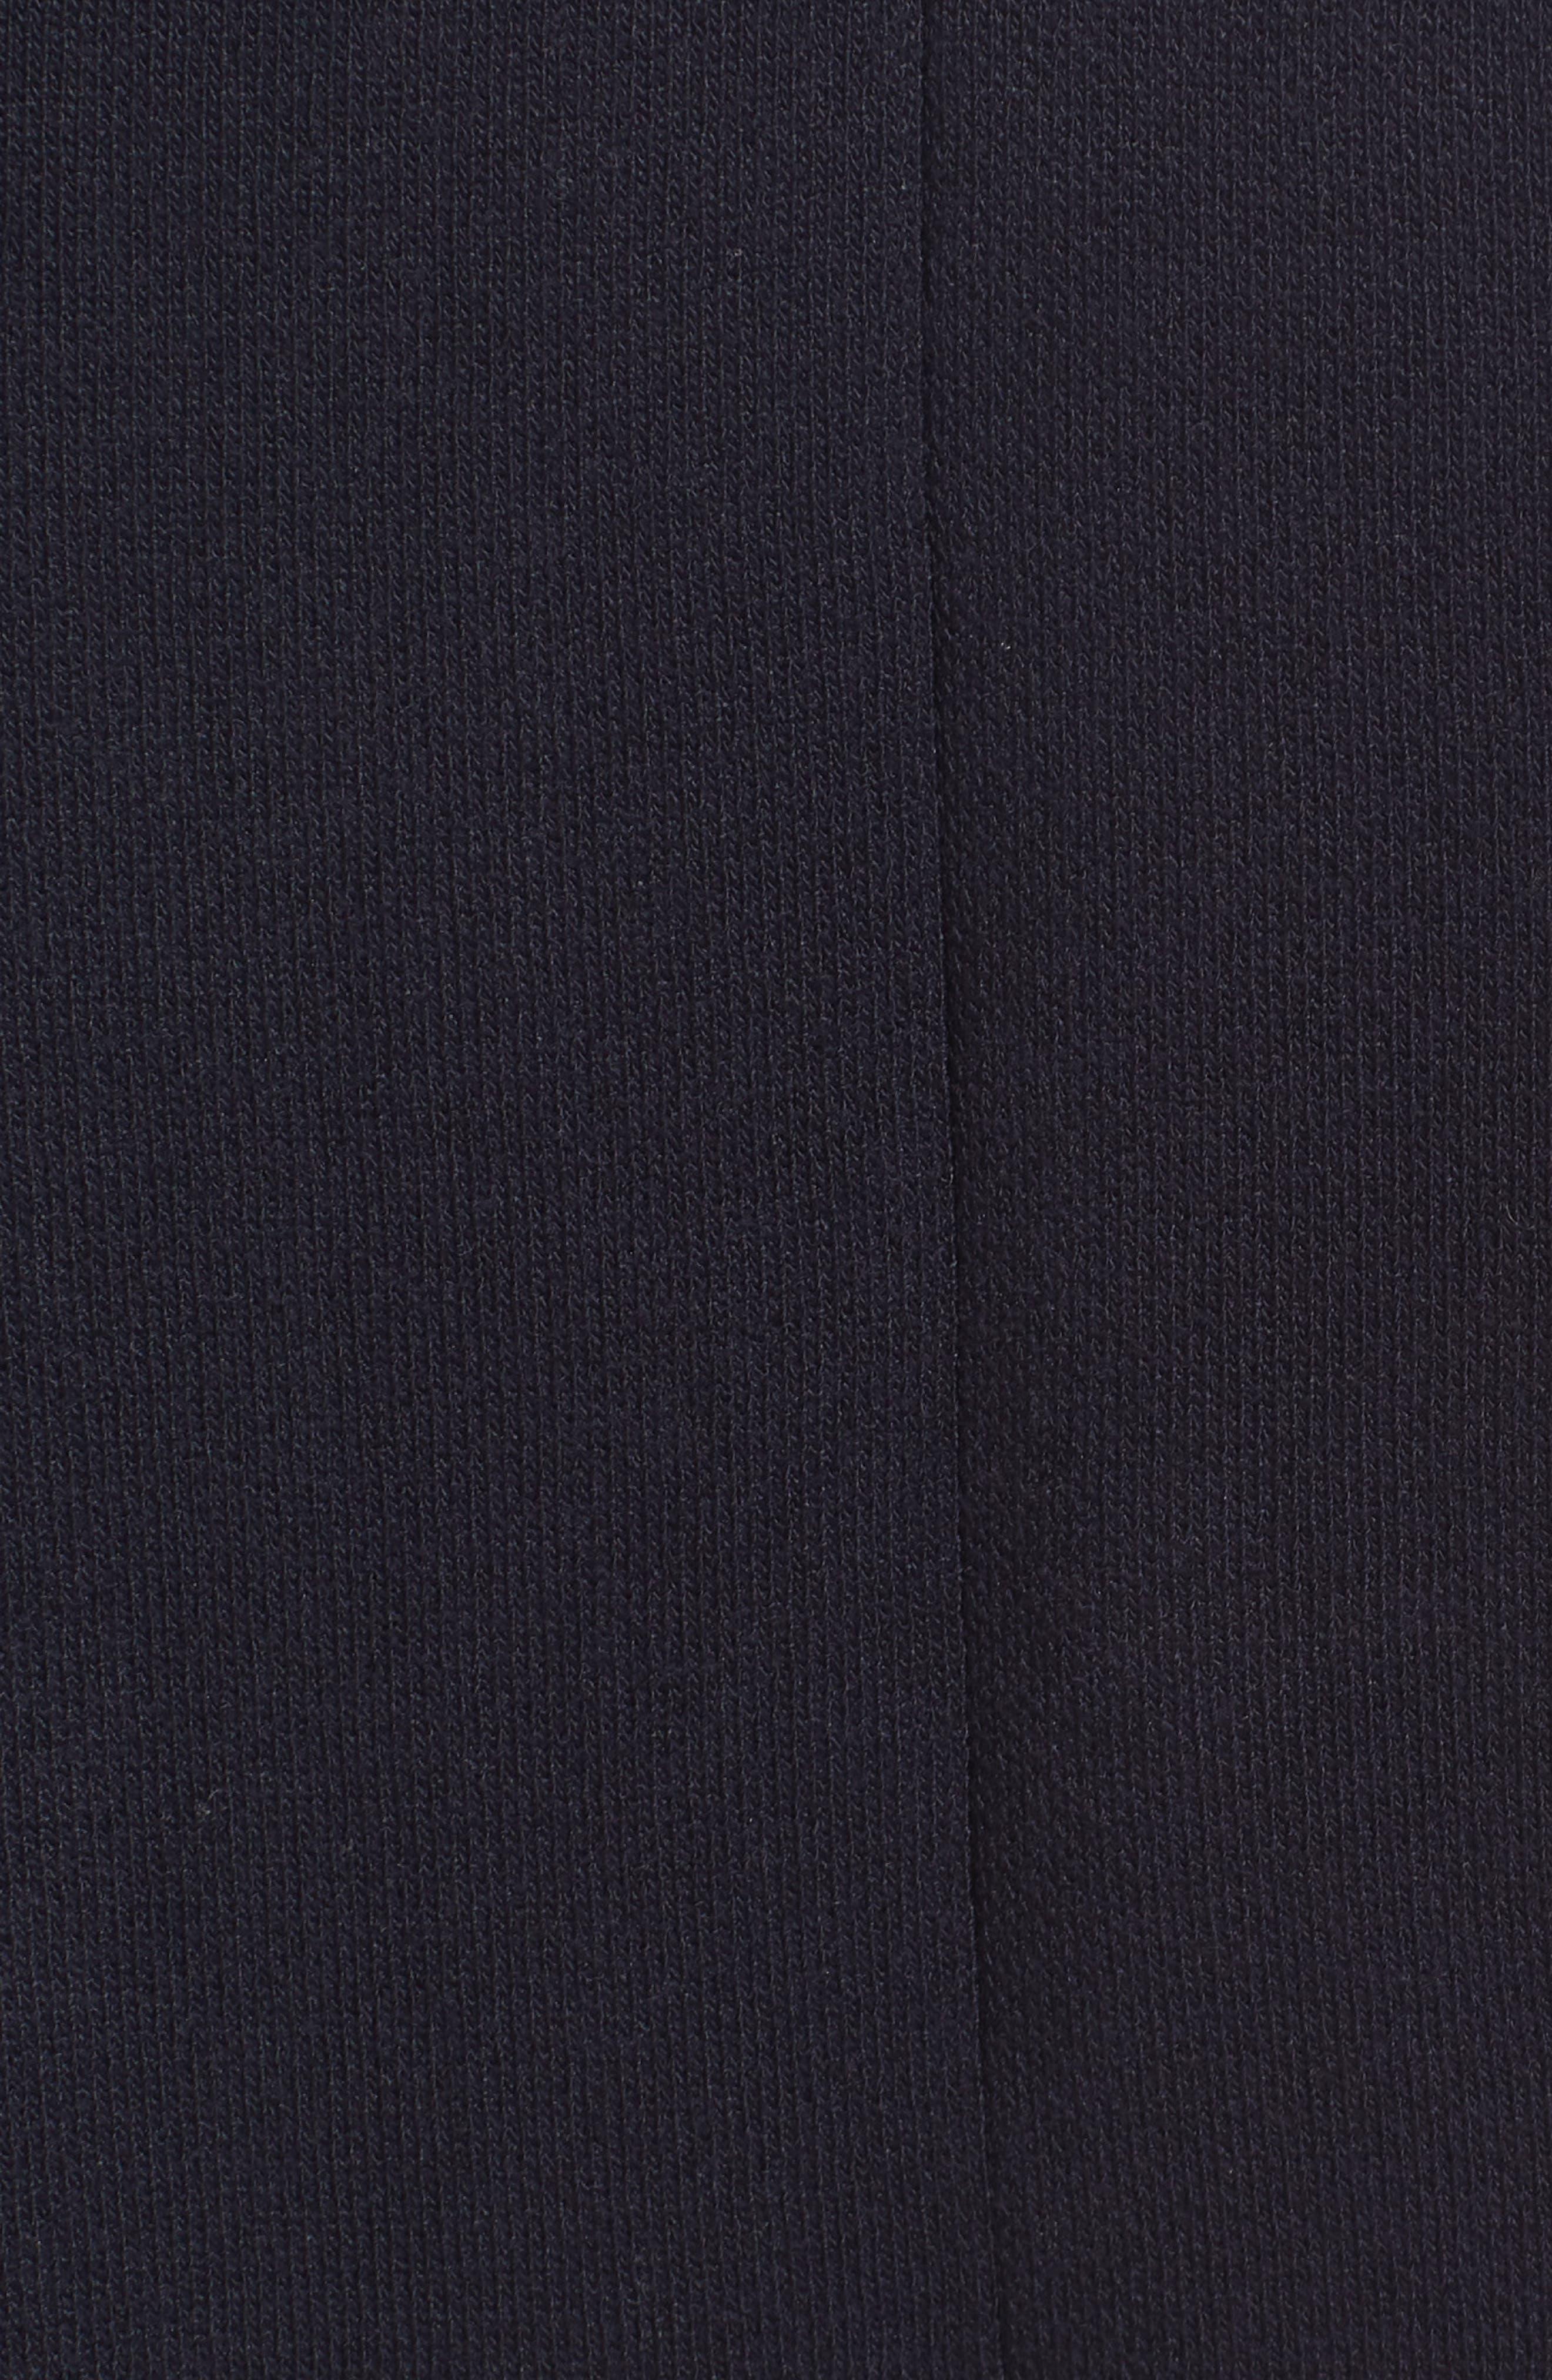 Lakra Knit Pants,                             Alternate thumbnail 5, color,                             406